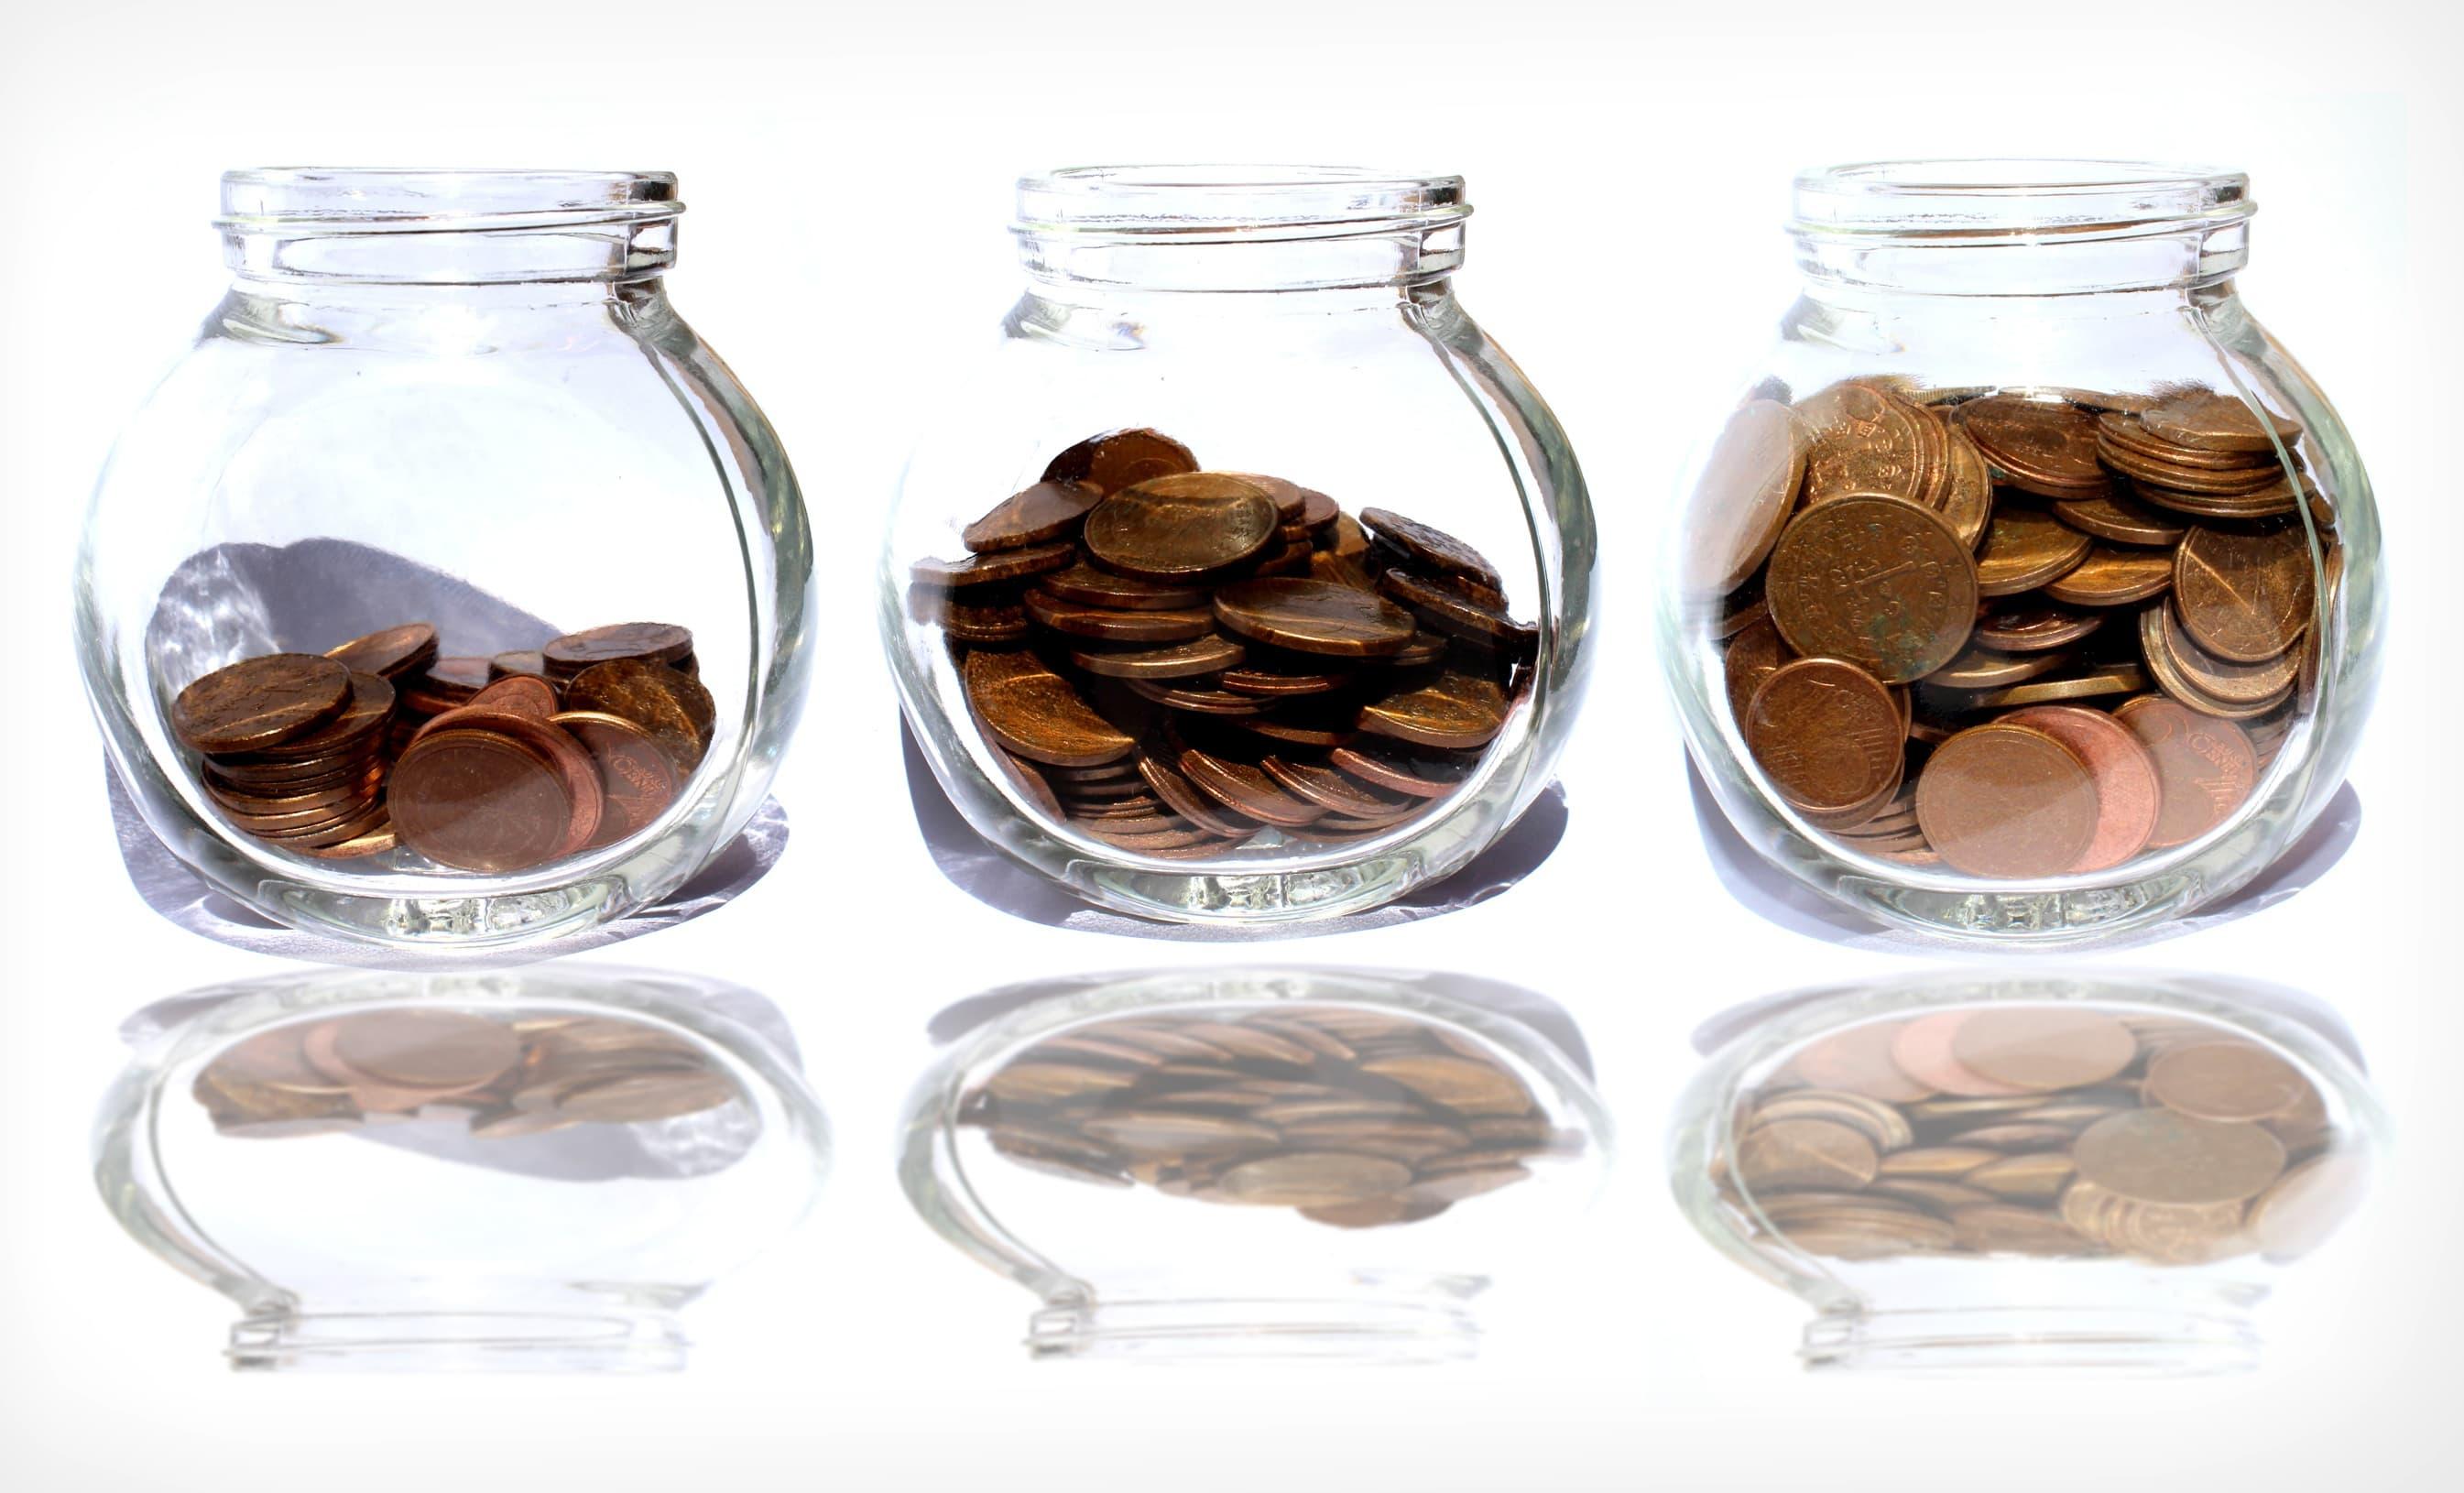 Инвестиционный вклад с минимальными рисками